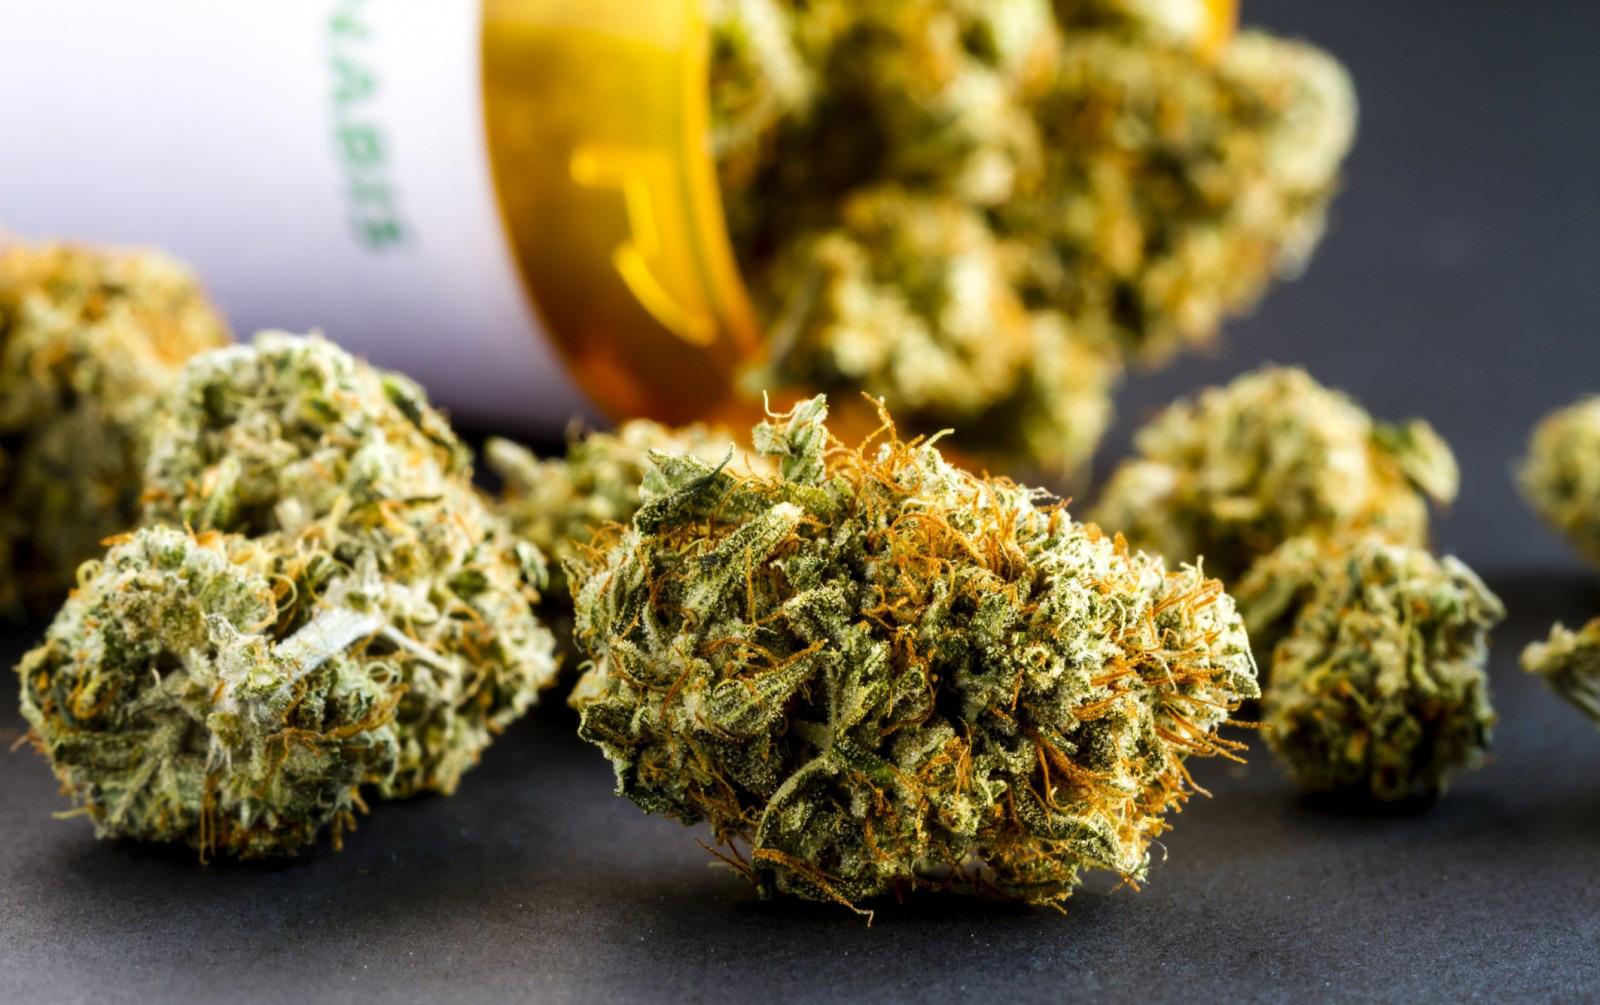 EU-GMP Certified Cannabis